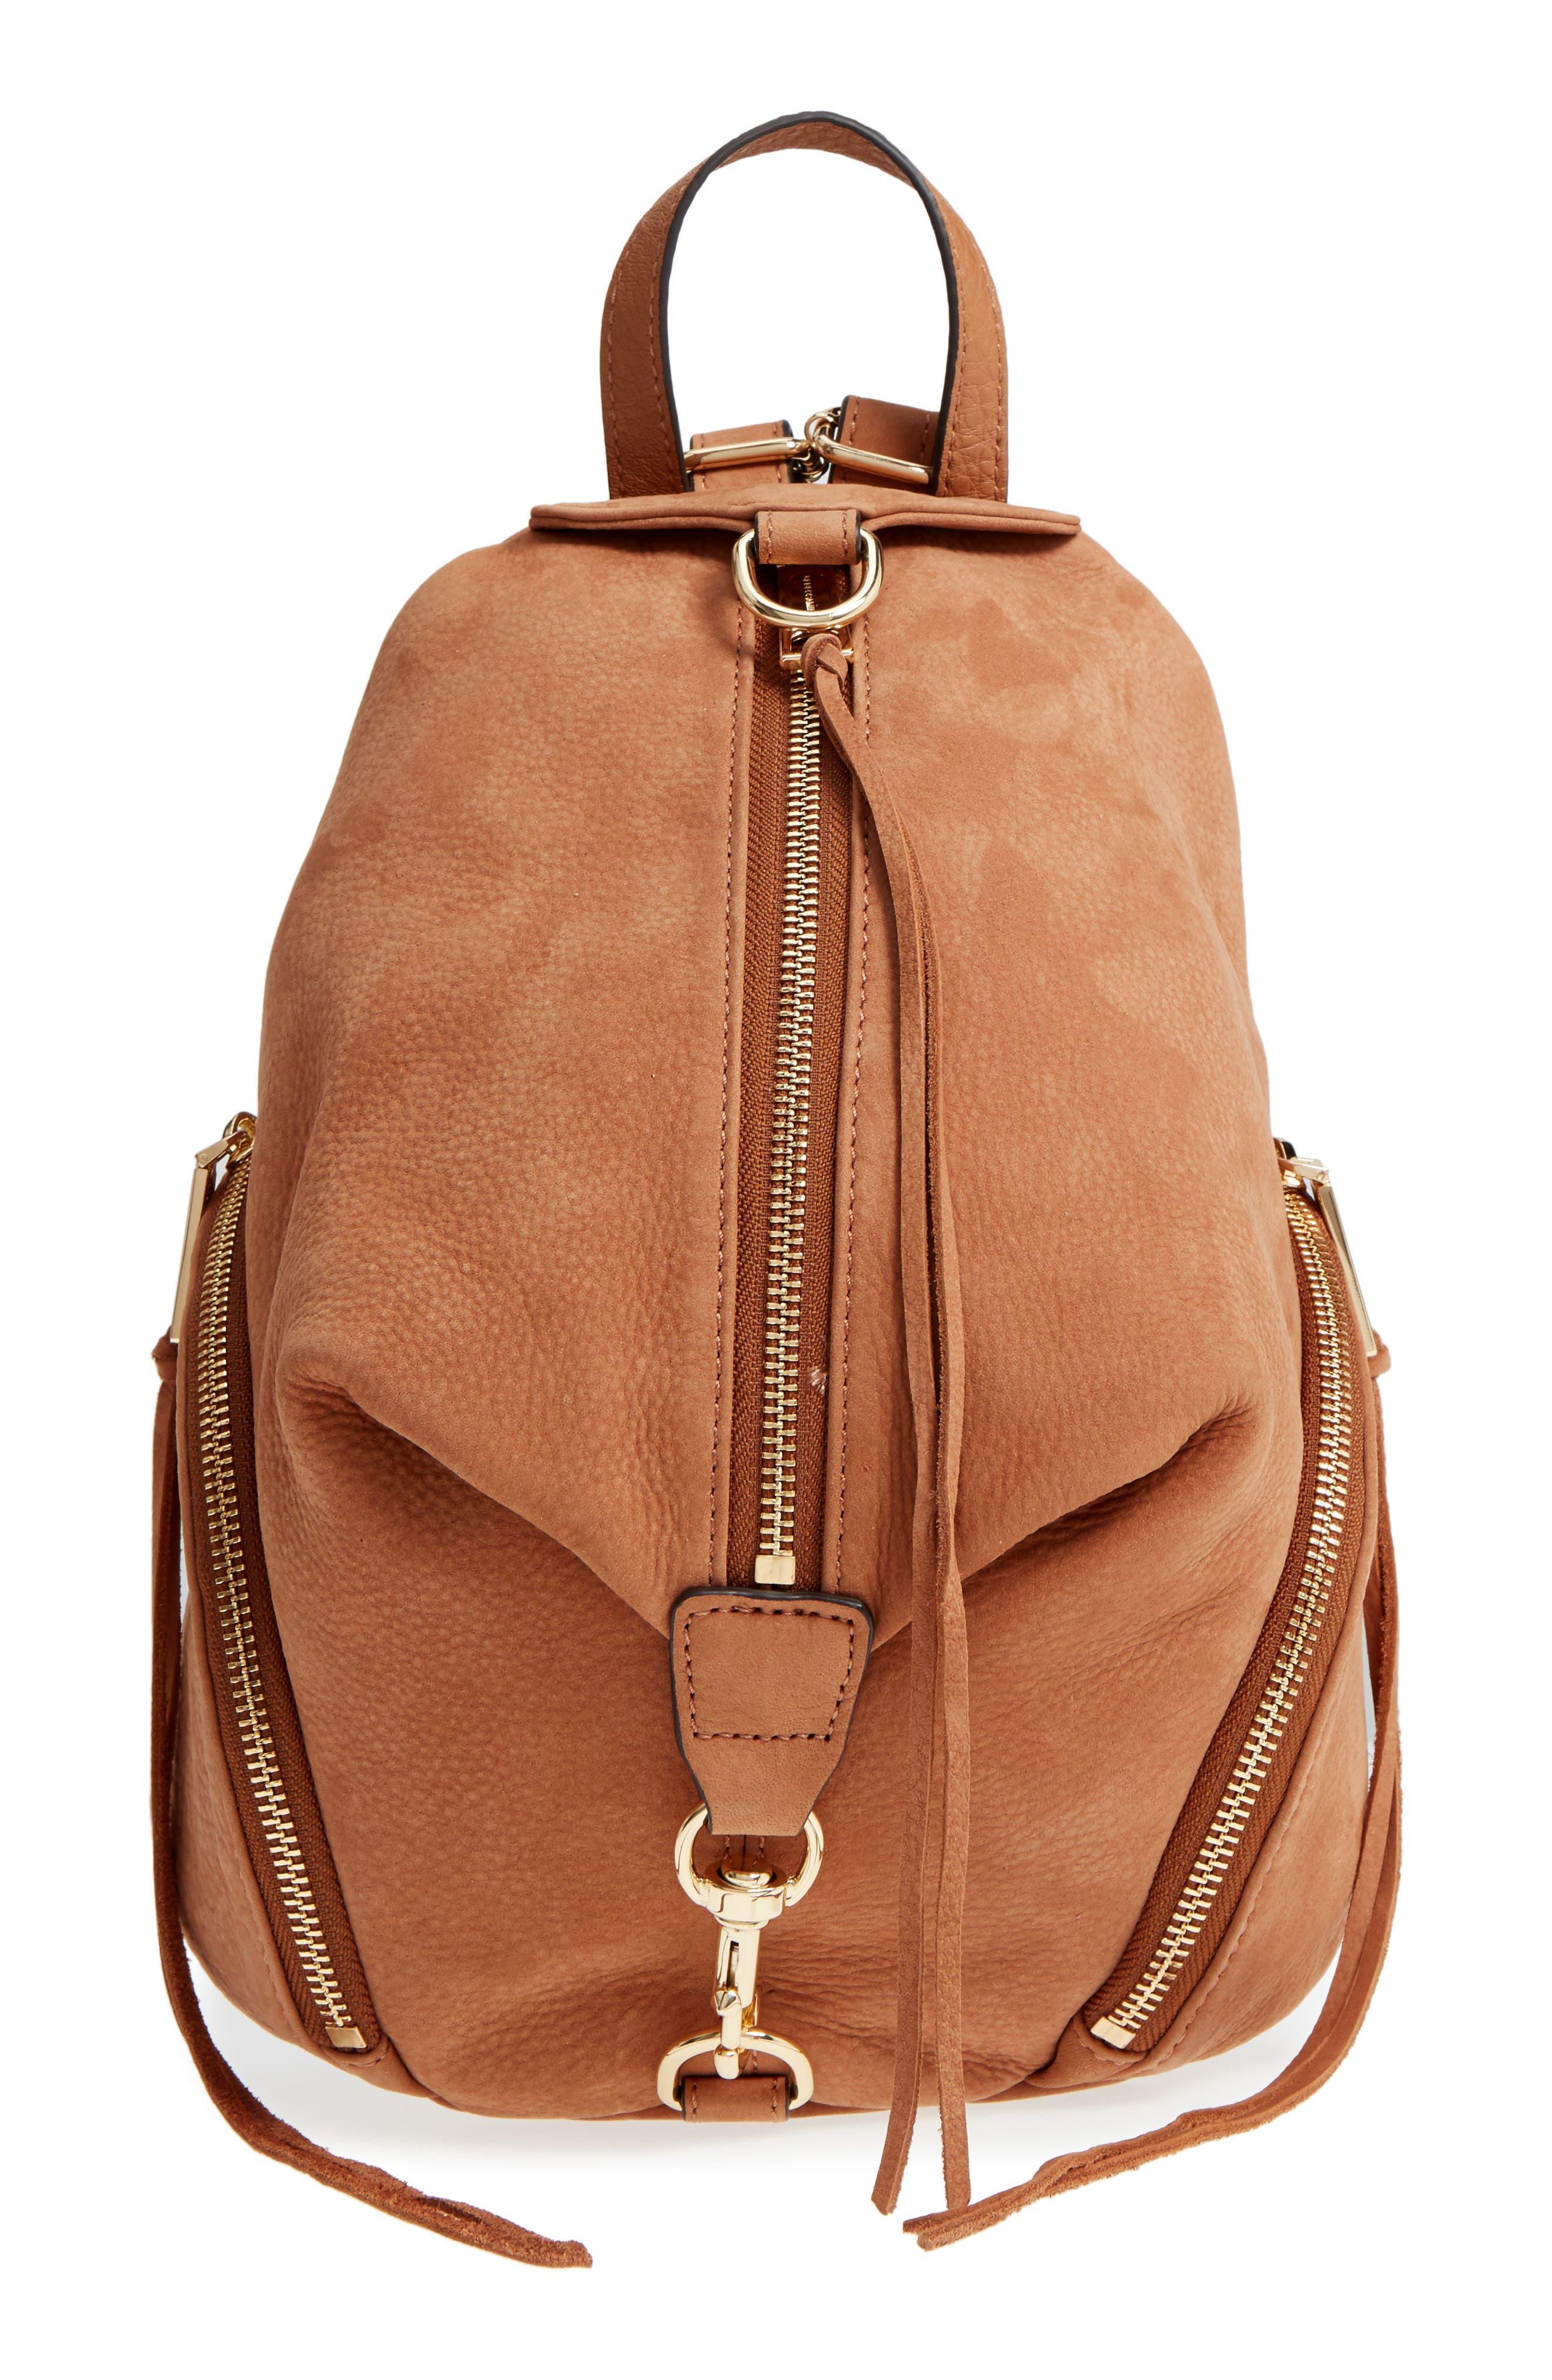 Medium Julian Nubuck Backpack,                         Main,                         color, 230